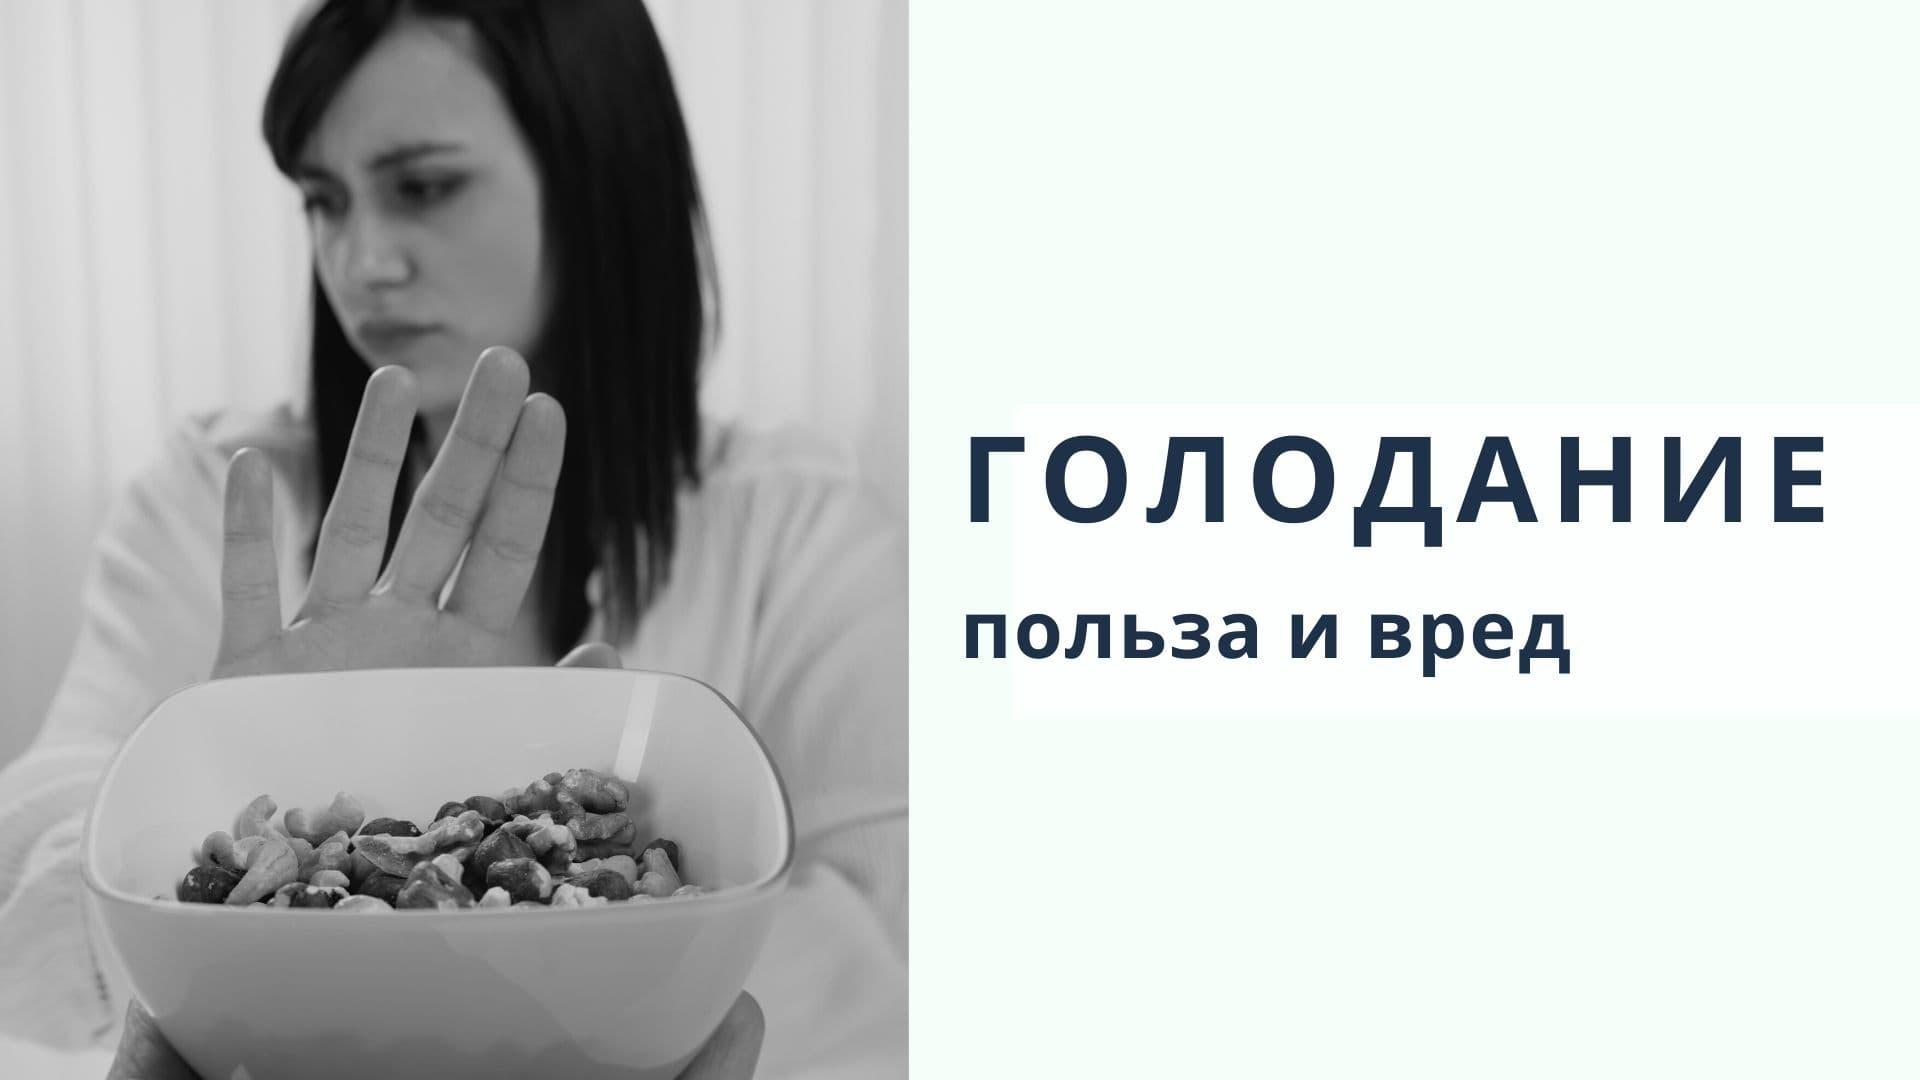 Влияние голодания на организм: вред и польза